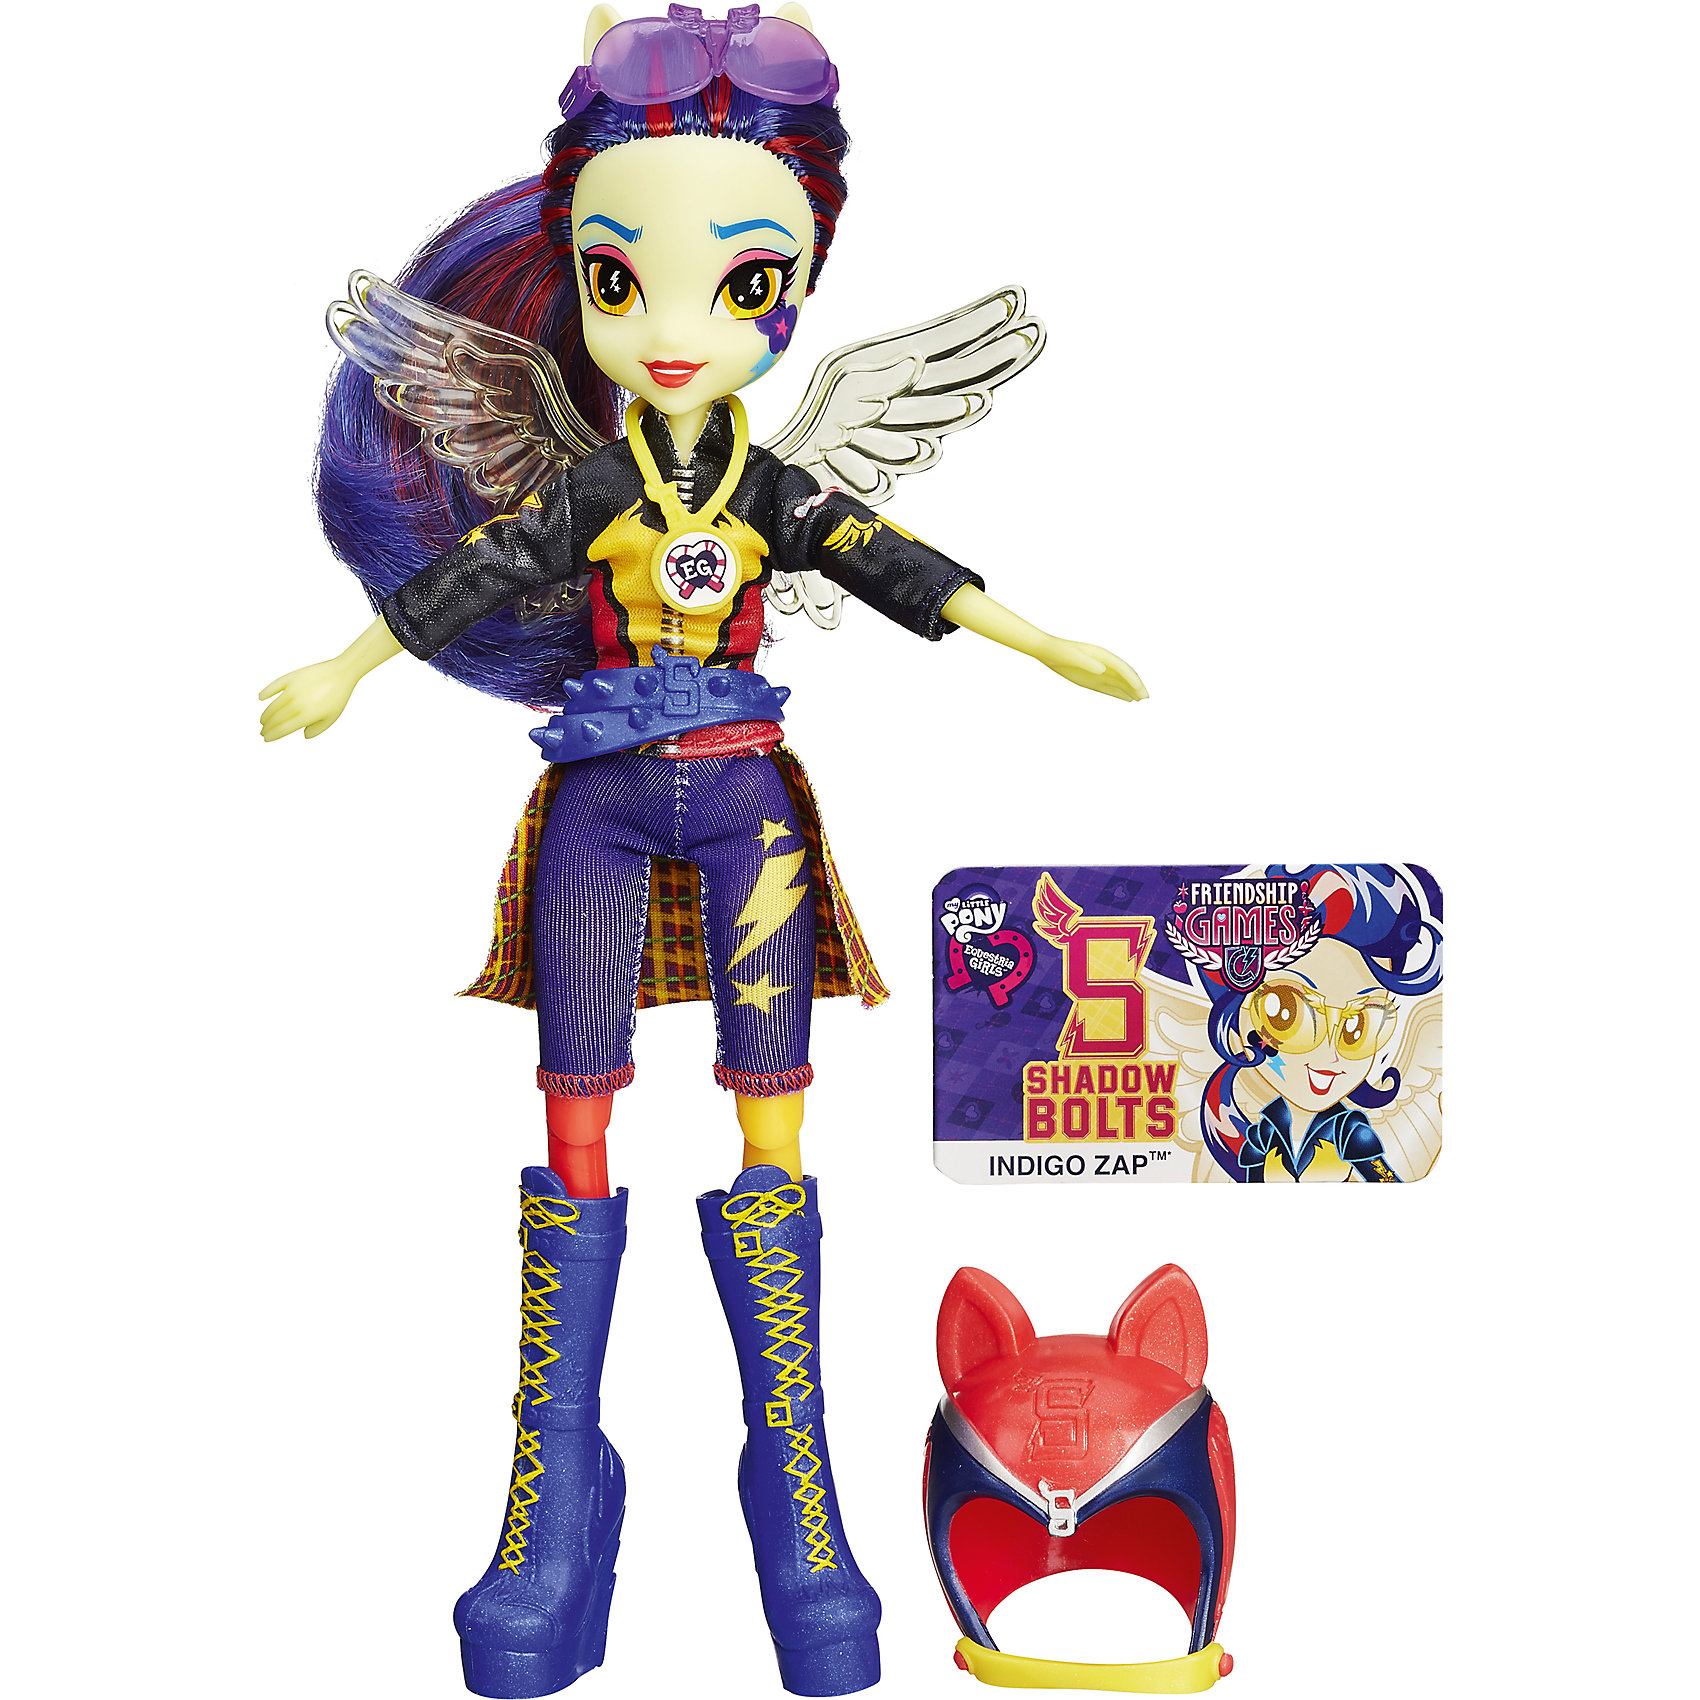 Hasbro Кукла Шедоуболт, с аксессуарами, Эквестрия герлз, B1772/B3779  hasbro мини кукла эквестрия герлз b4903 b7793